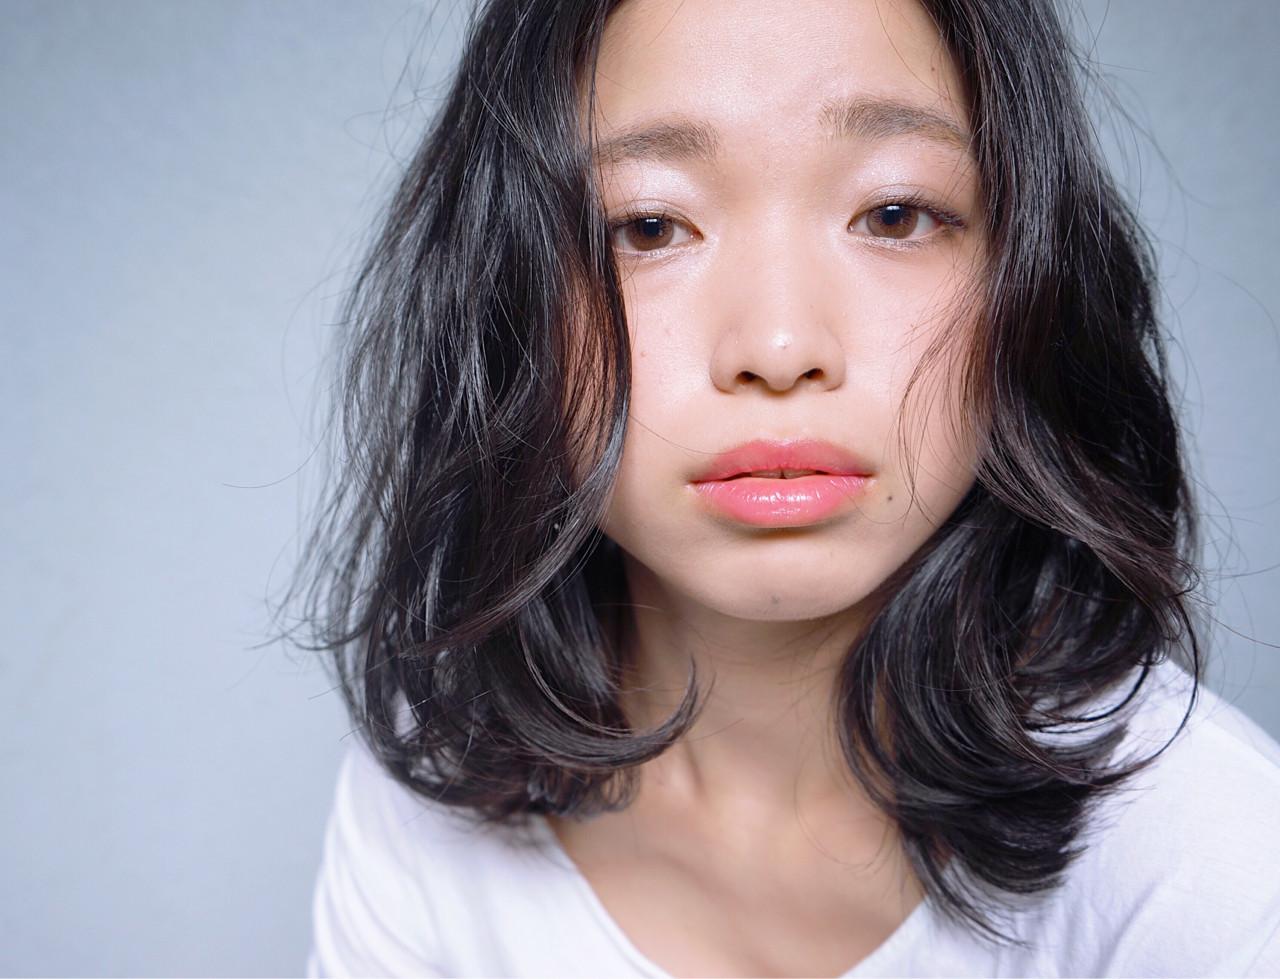 魅力的な黒髪美人に♡あなたの魅力を引き立てるヘアスタイル 花井啓好